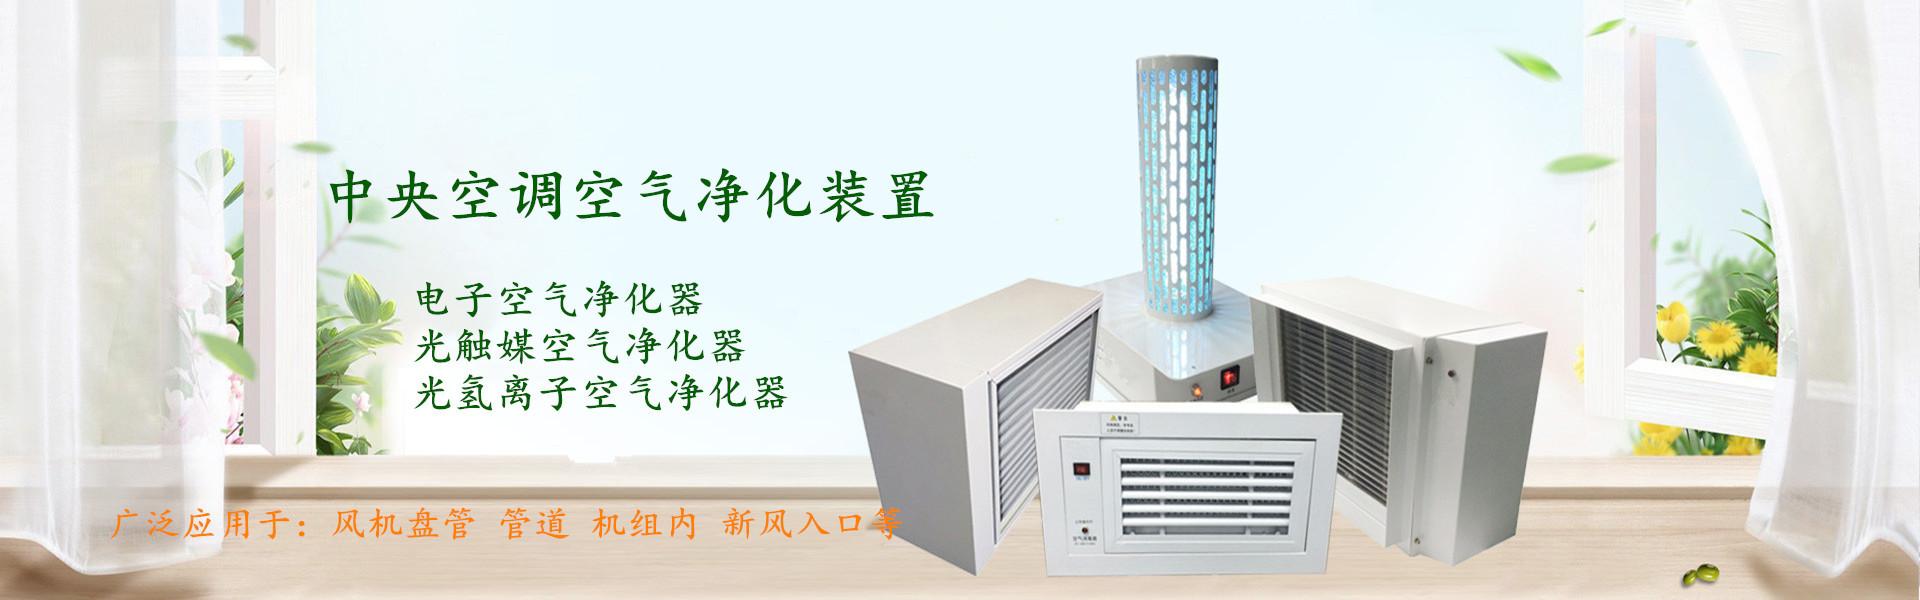 电子空气净化器,光触媒净化器,光氢离子空气净化器